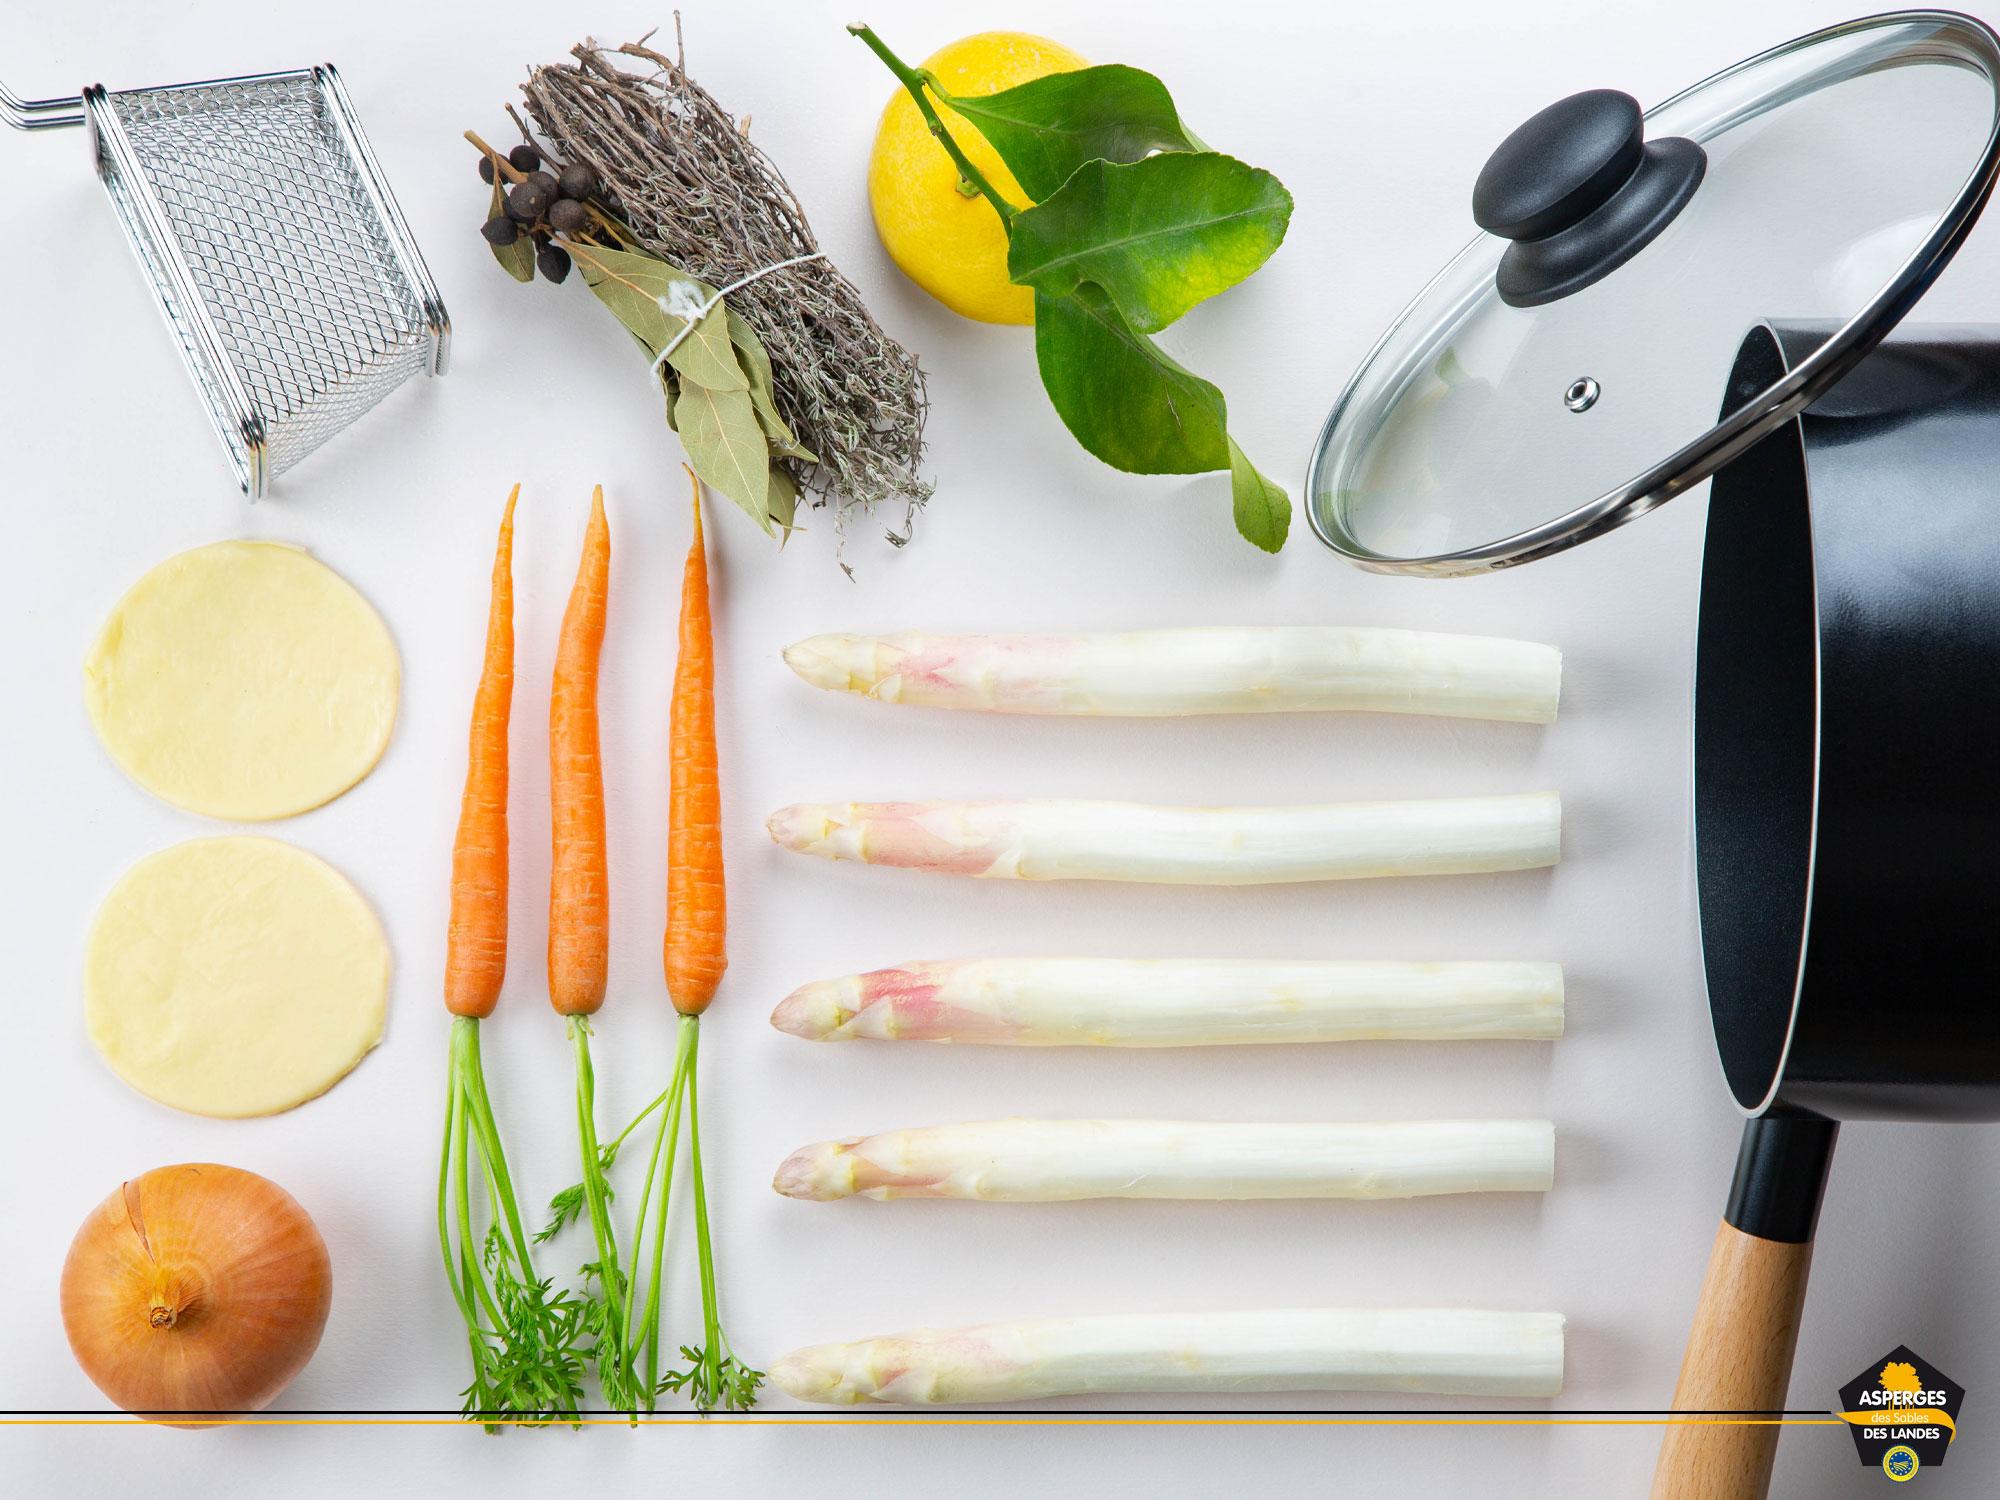 Les ingrédients de la recette Dessin-Salé